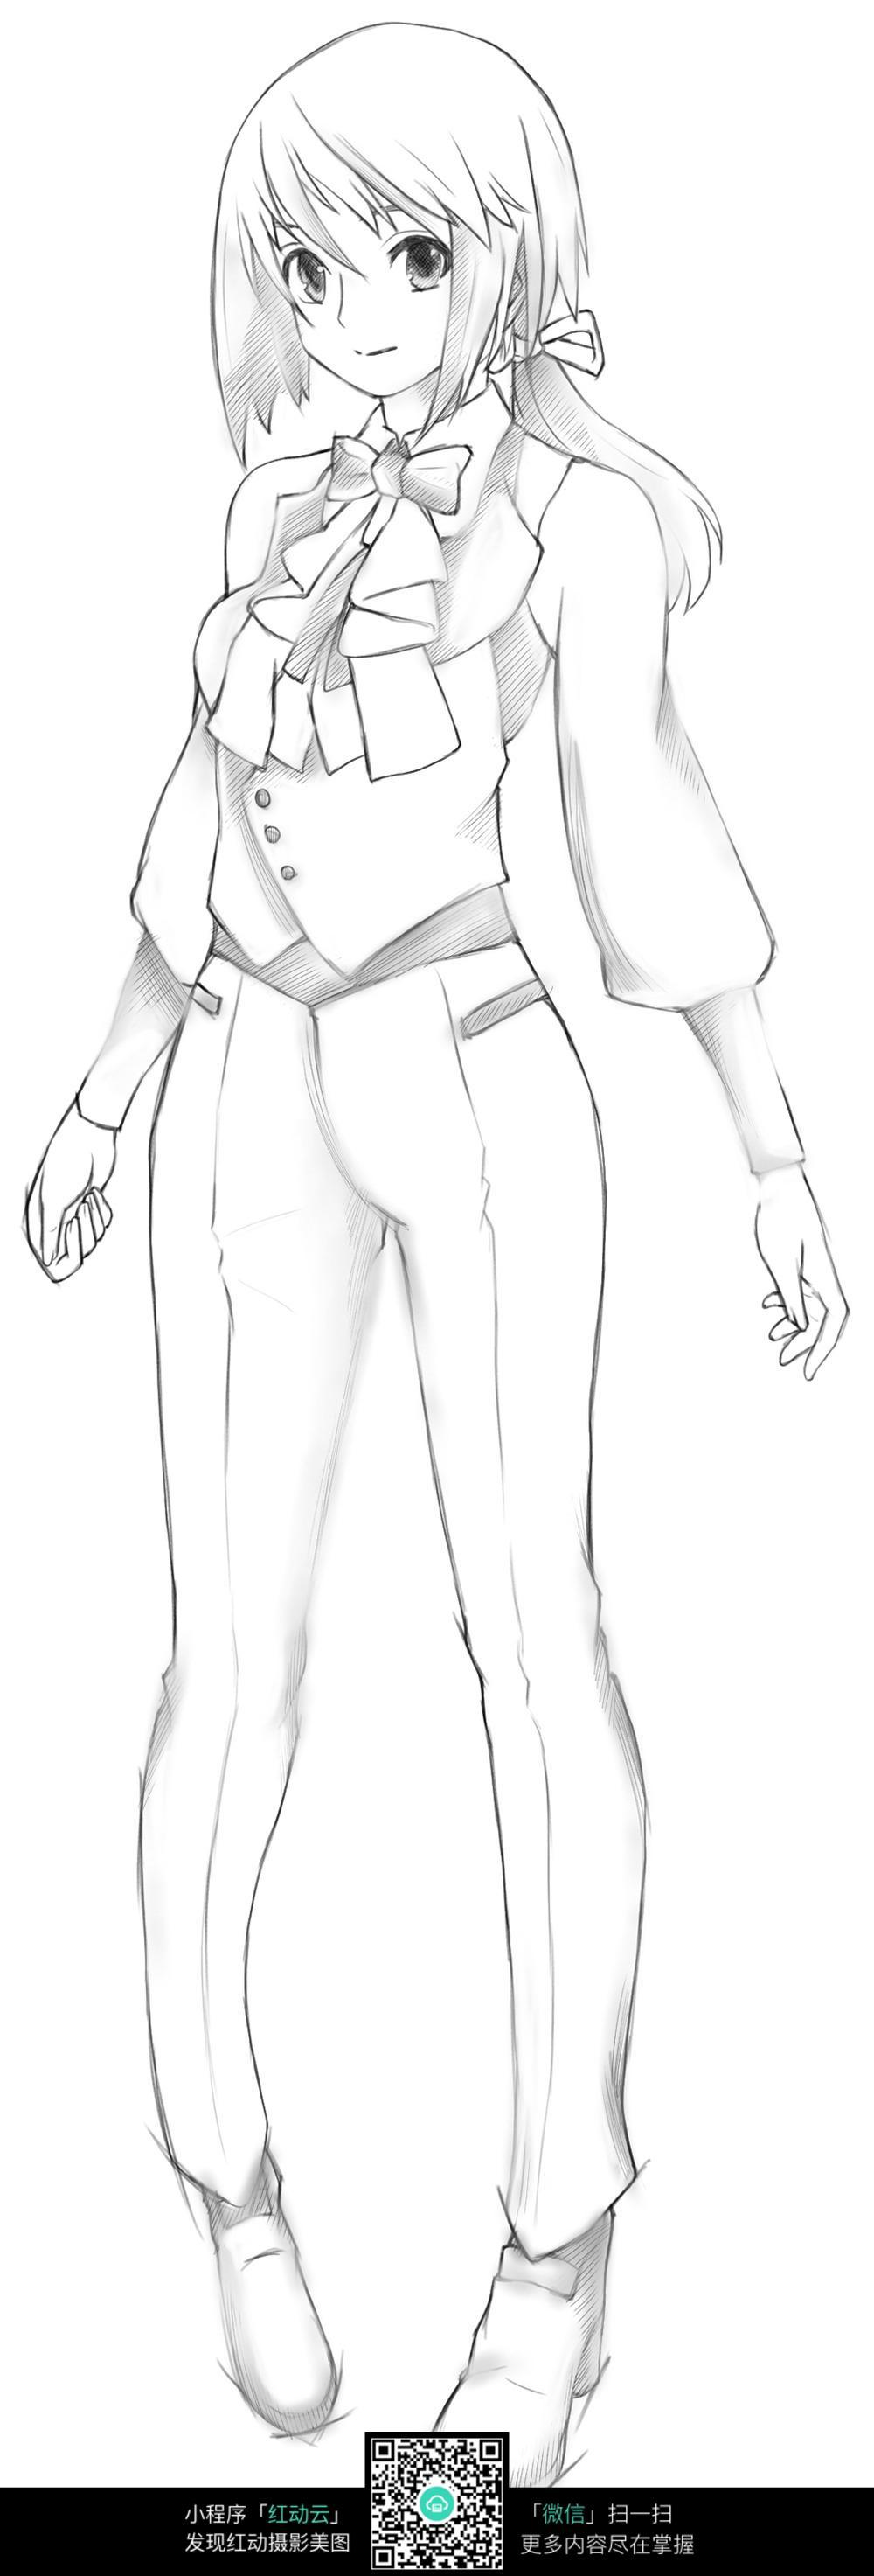 免费素材 图片素材 漫画插画 人物卡通 站立的女老师线描  请您分享